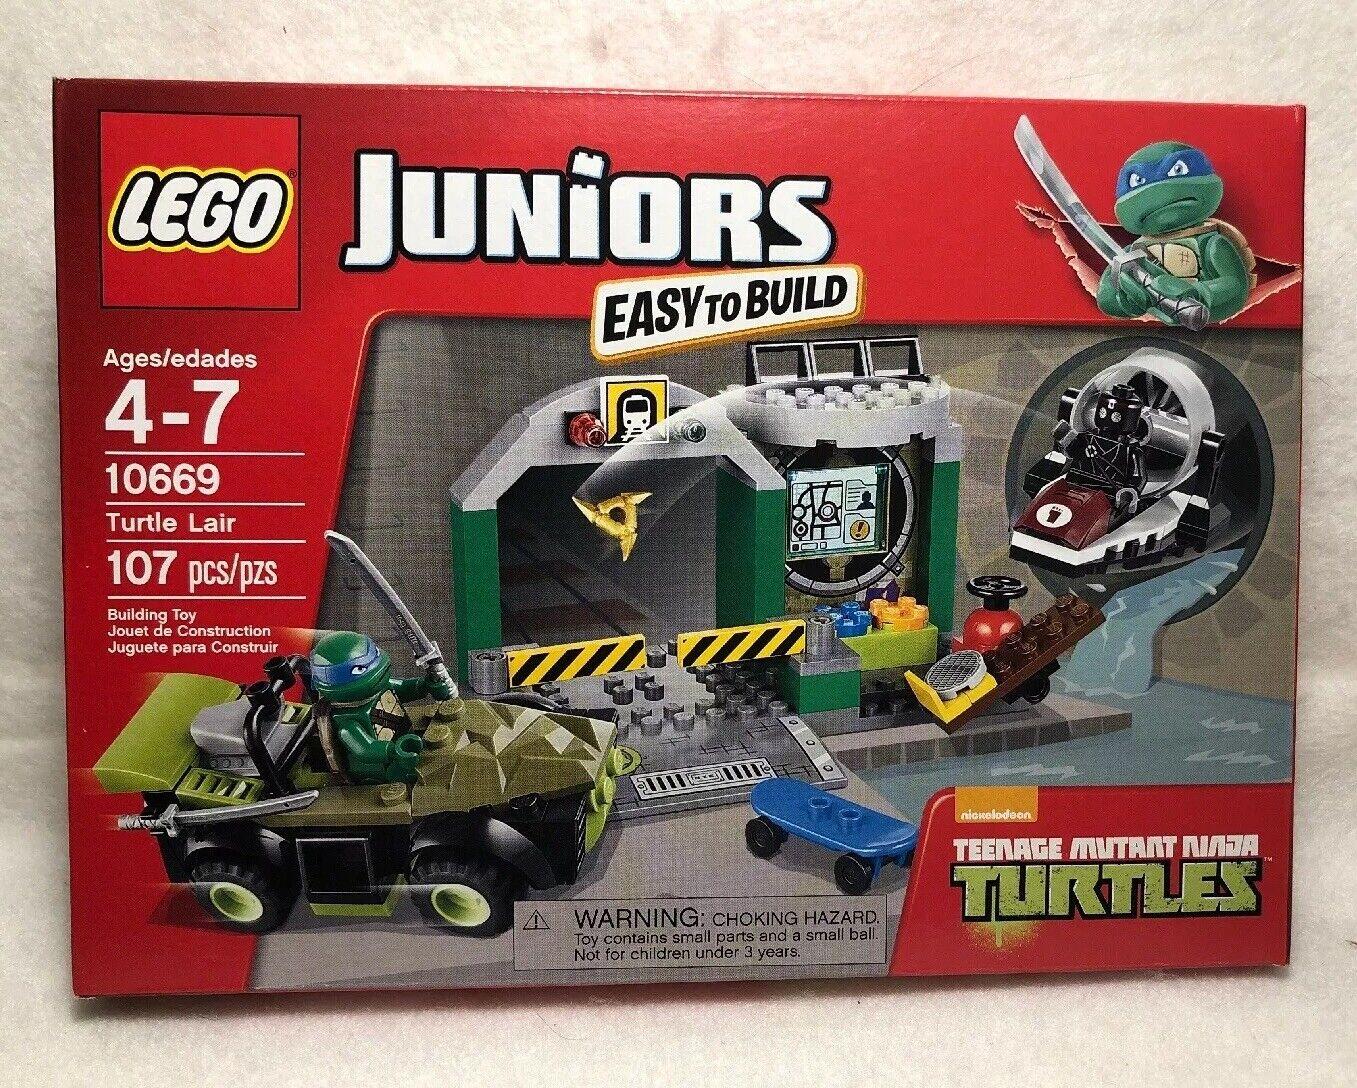 Juego De Lego 10669  2014 Lego Juniors Tmnt Tortuga guarida MIB de 107 piezas de